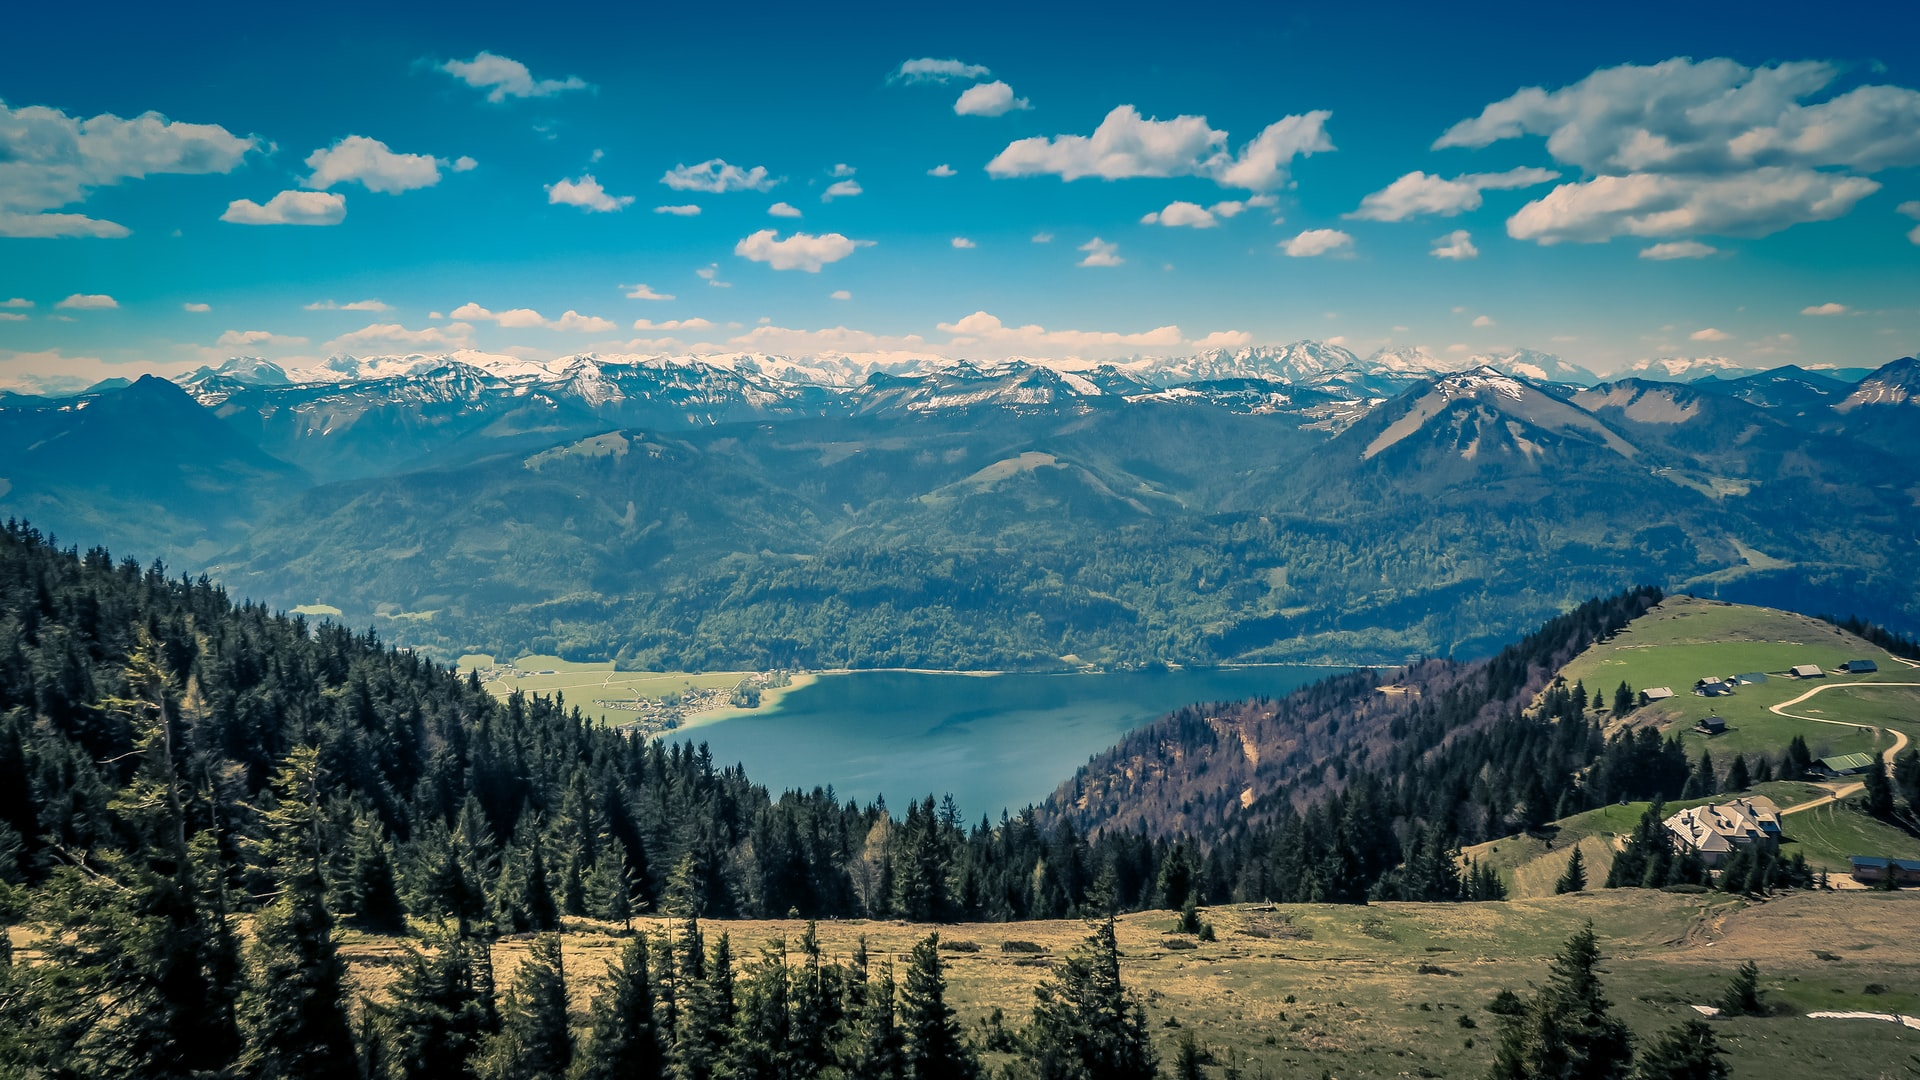 Австрия: хорошо ли жить и отдыхать в одной из самых благополучных стран?